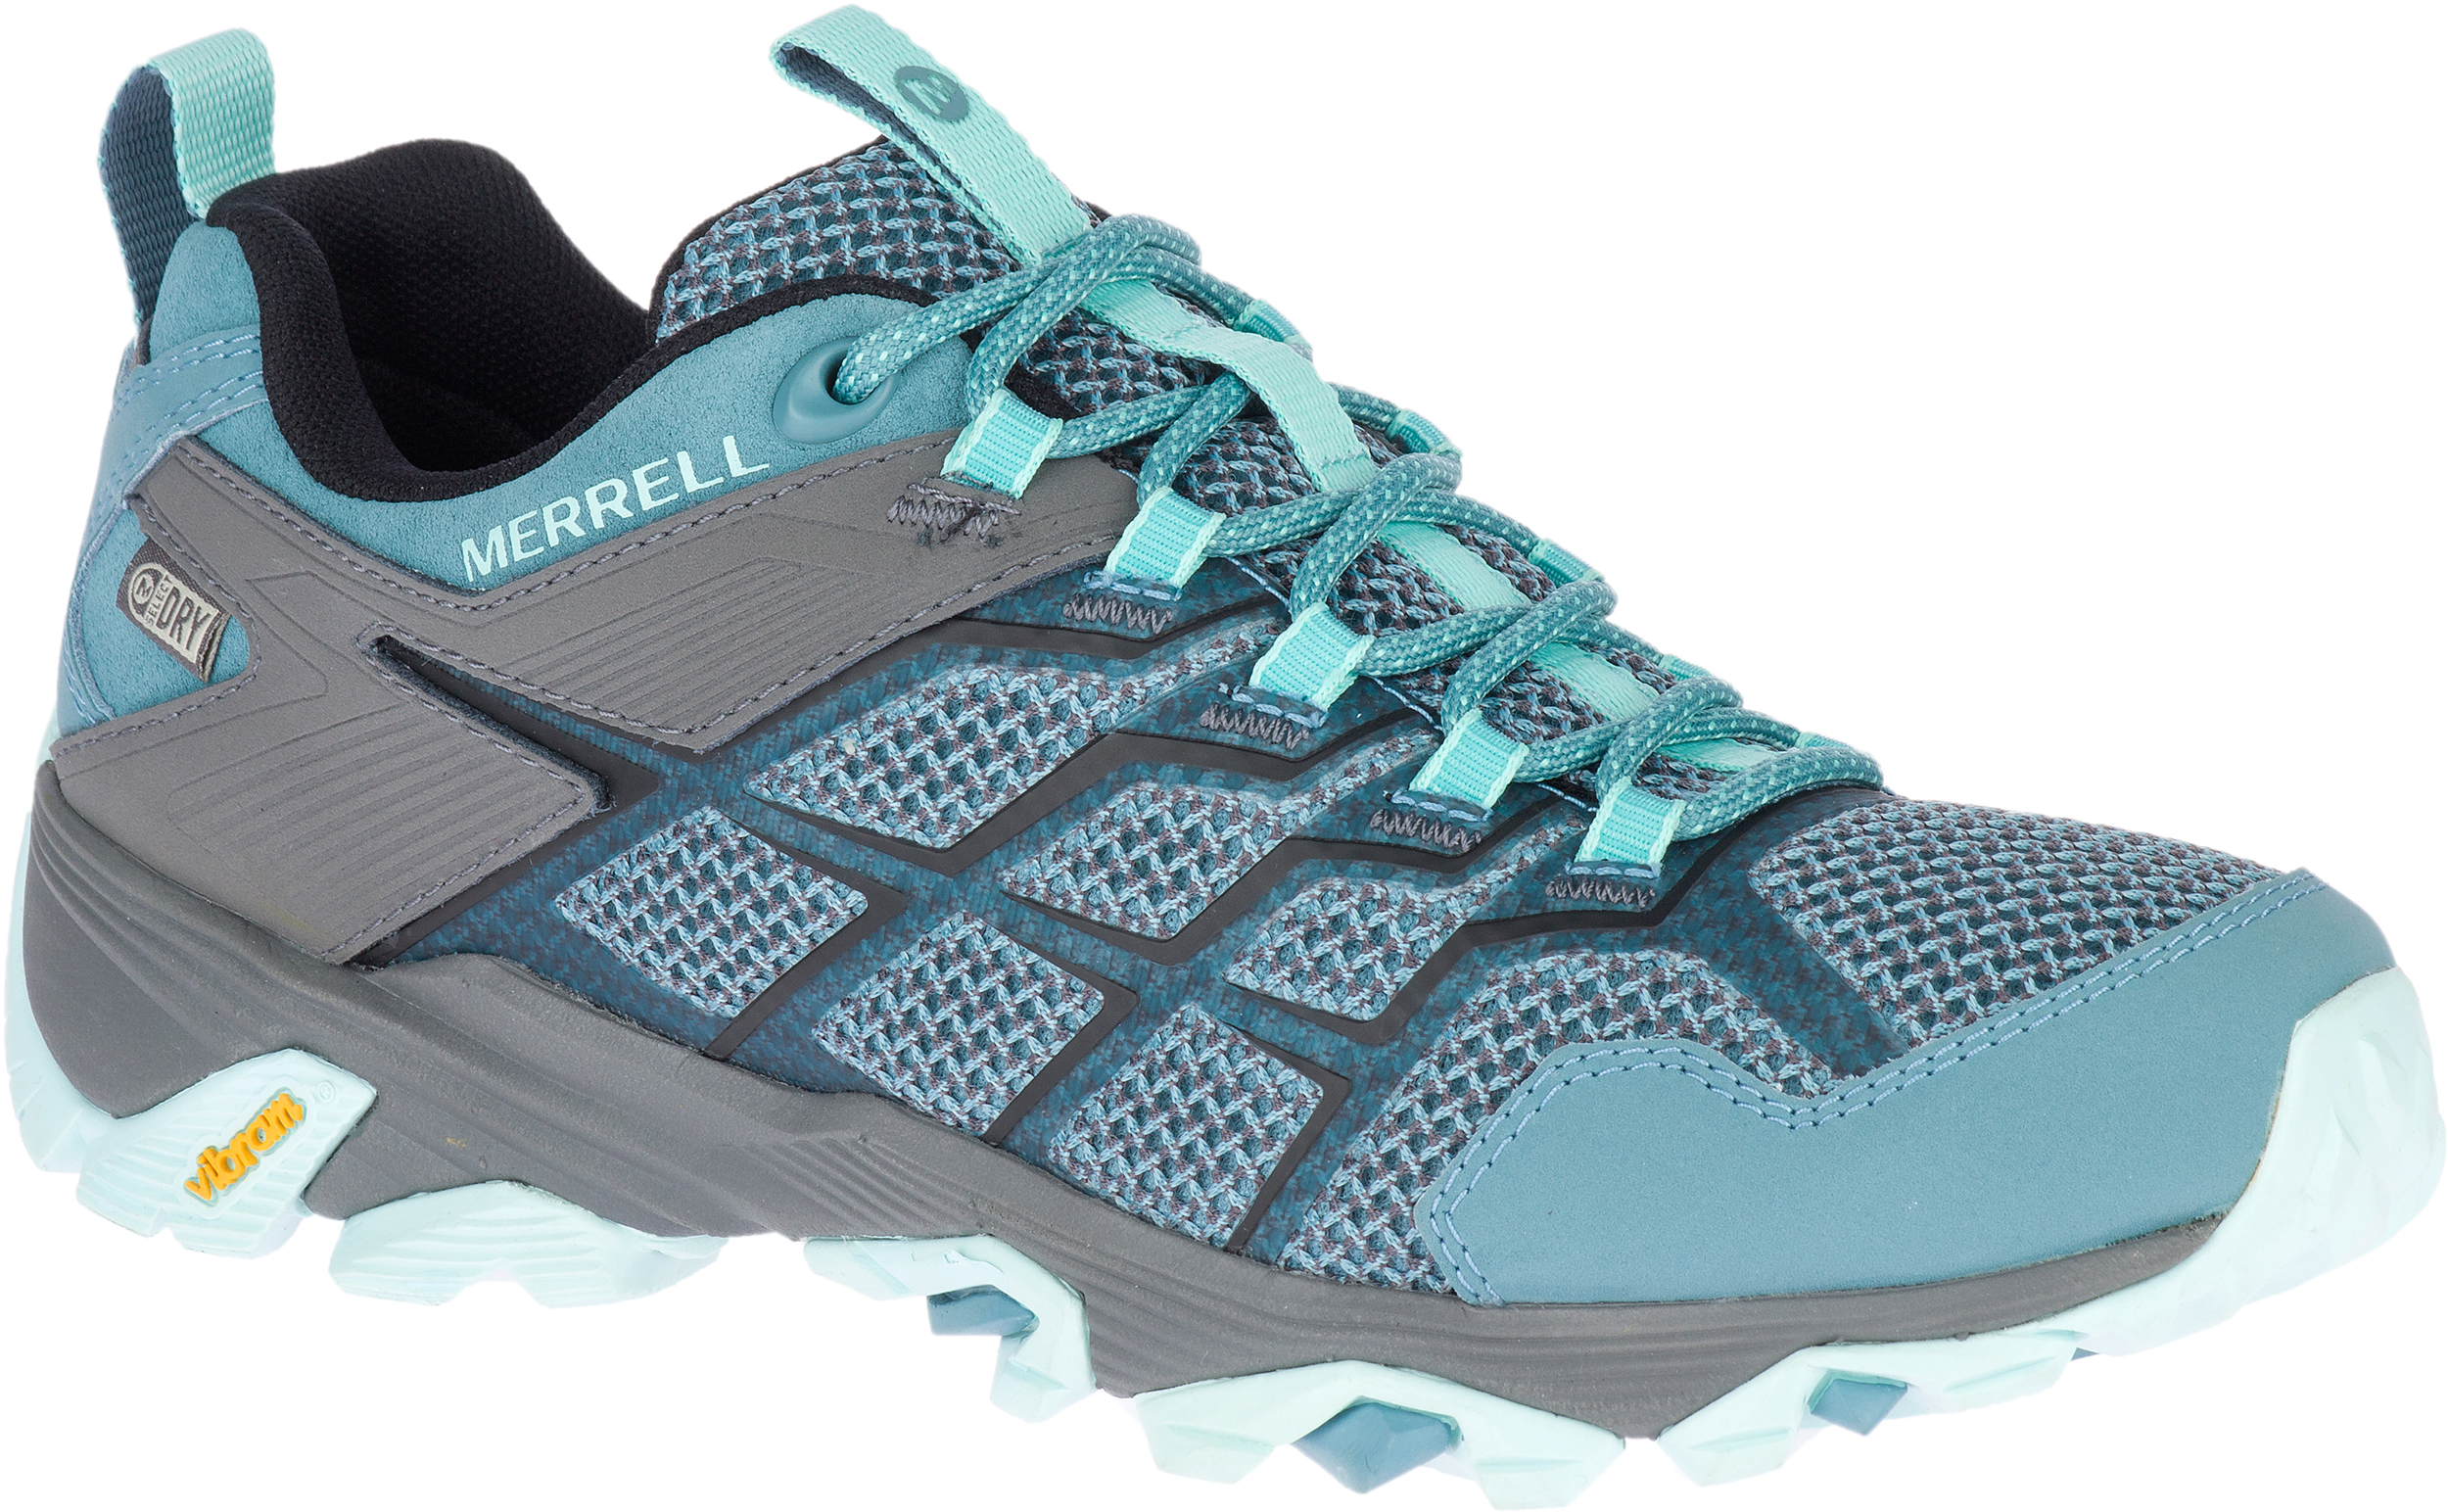 06296ab273d Merrell Moab FST II Waterproof Light Trail Shoes - Women's